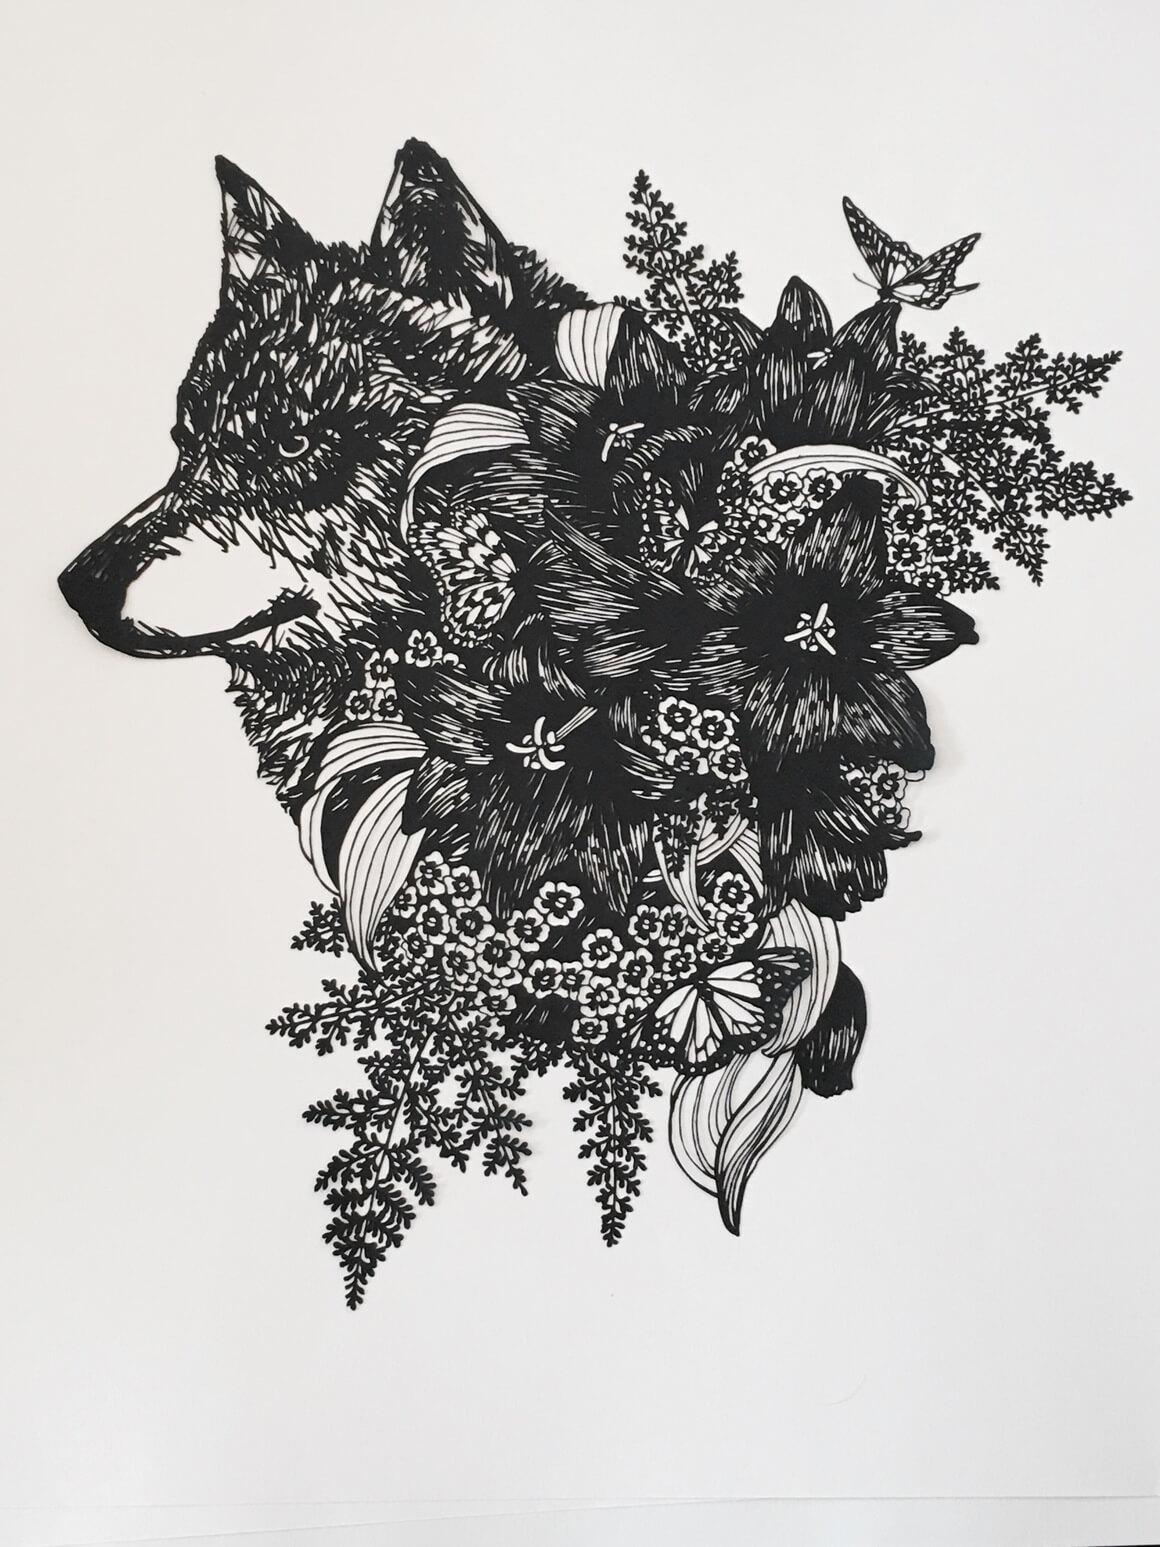 arte con papel cortado por Kanako Abe